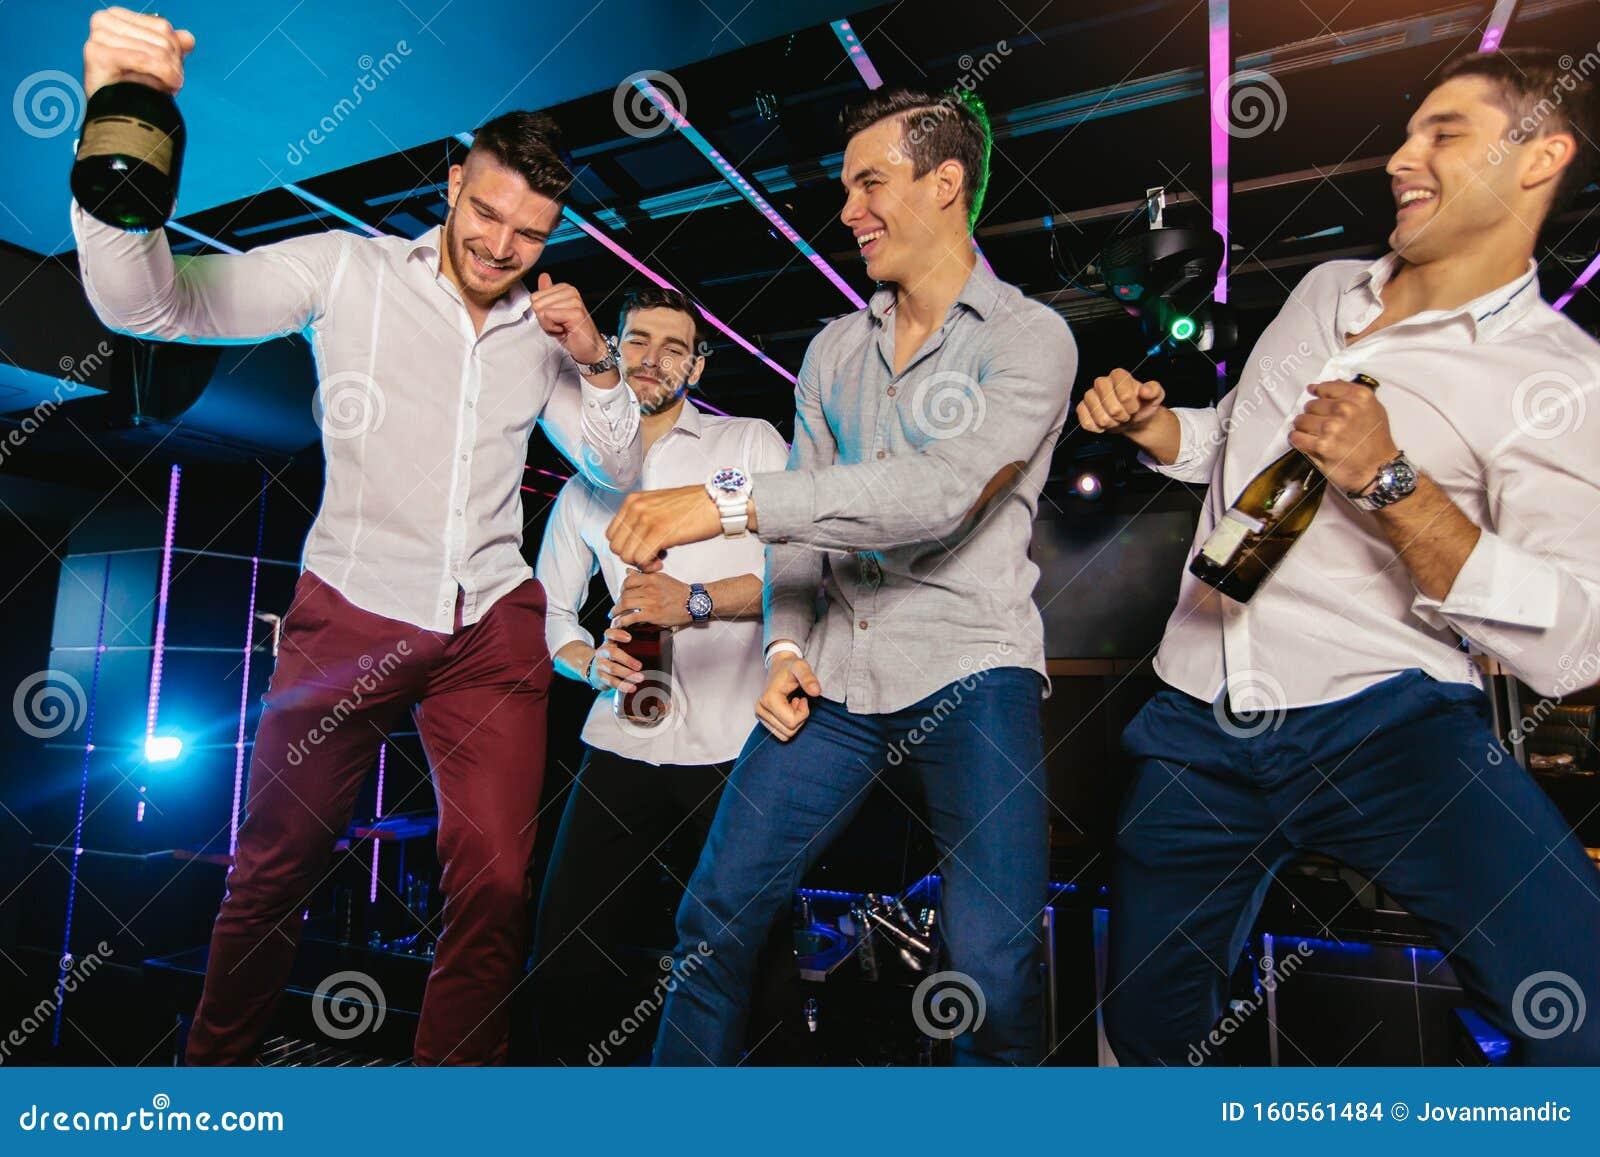 Фотографии мужчин в ночных клубах ночные клубы краснодара потанцевать